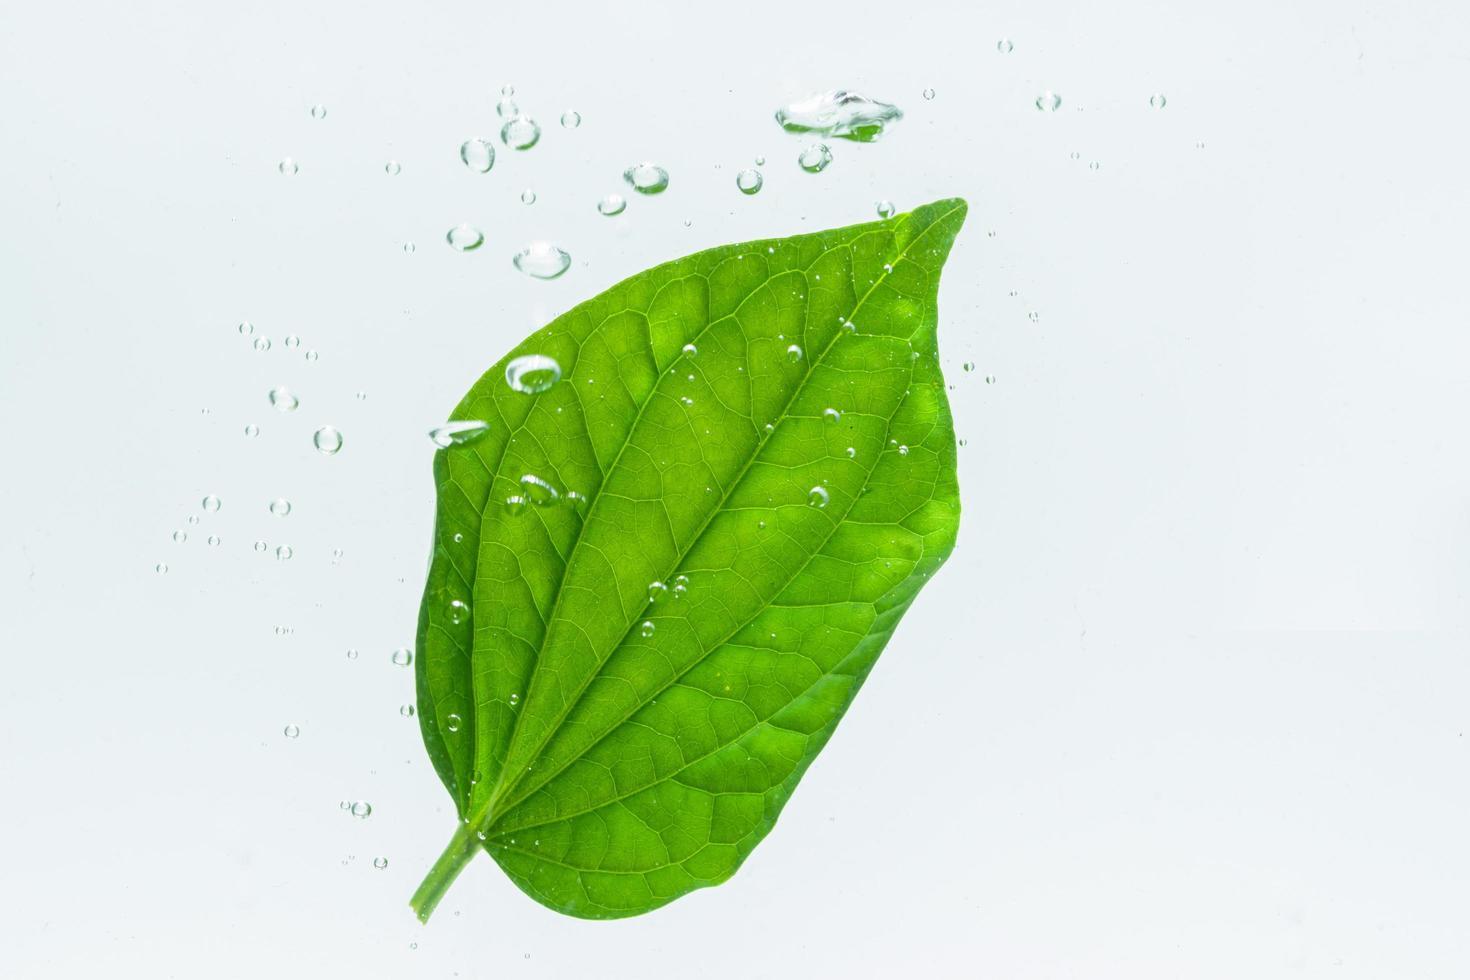 grünes Blatt und Blasen im Wasser foto